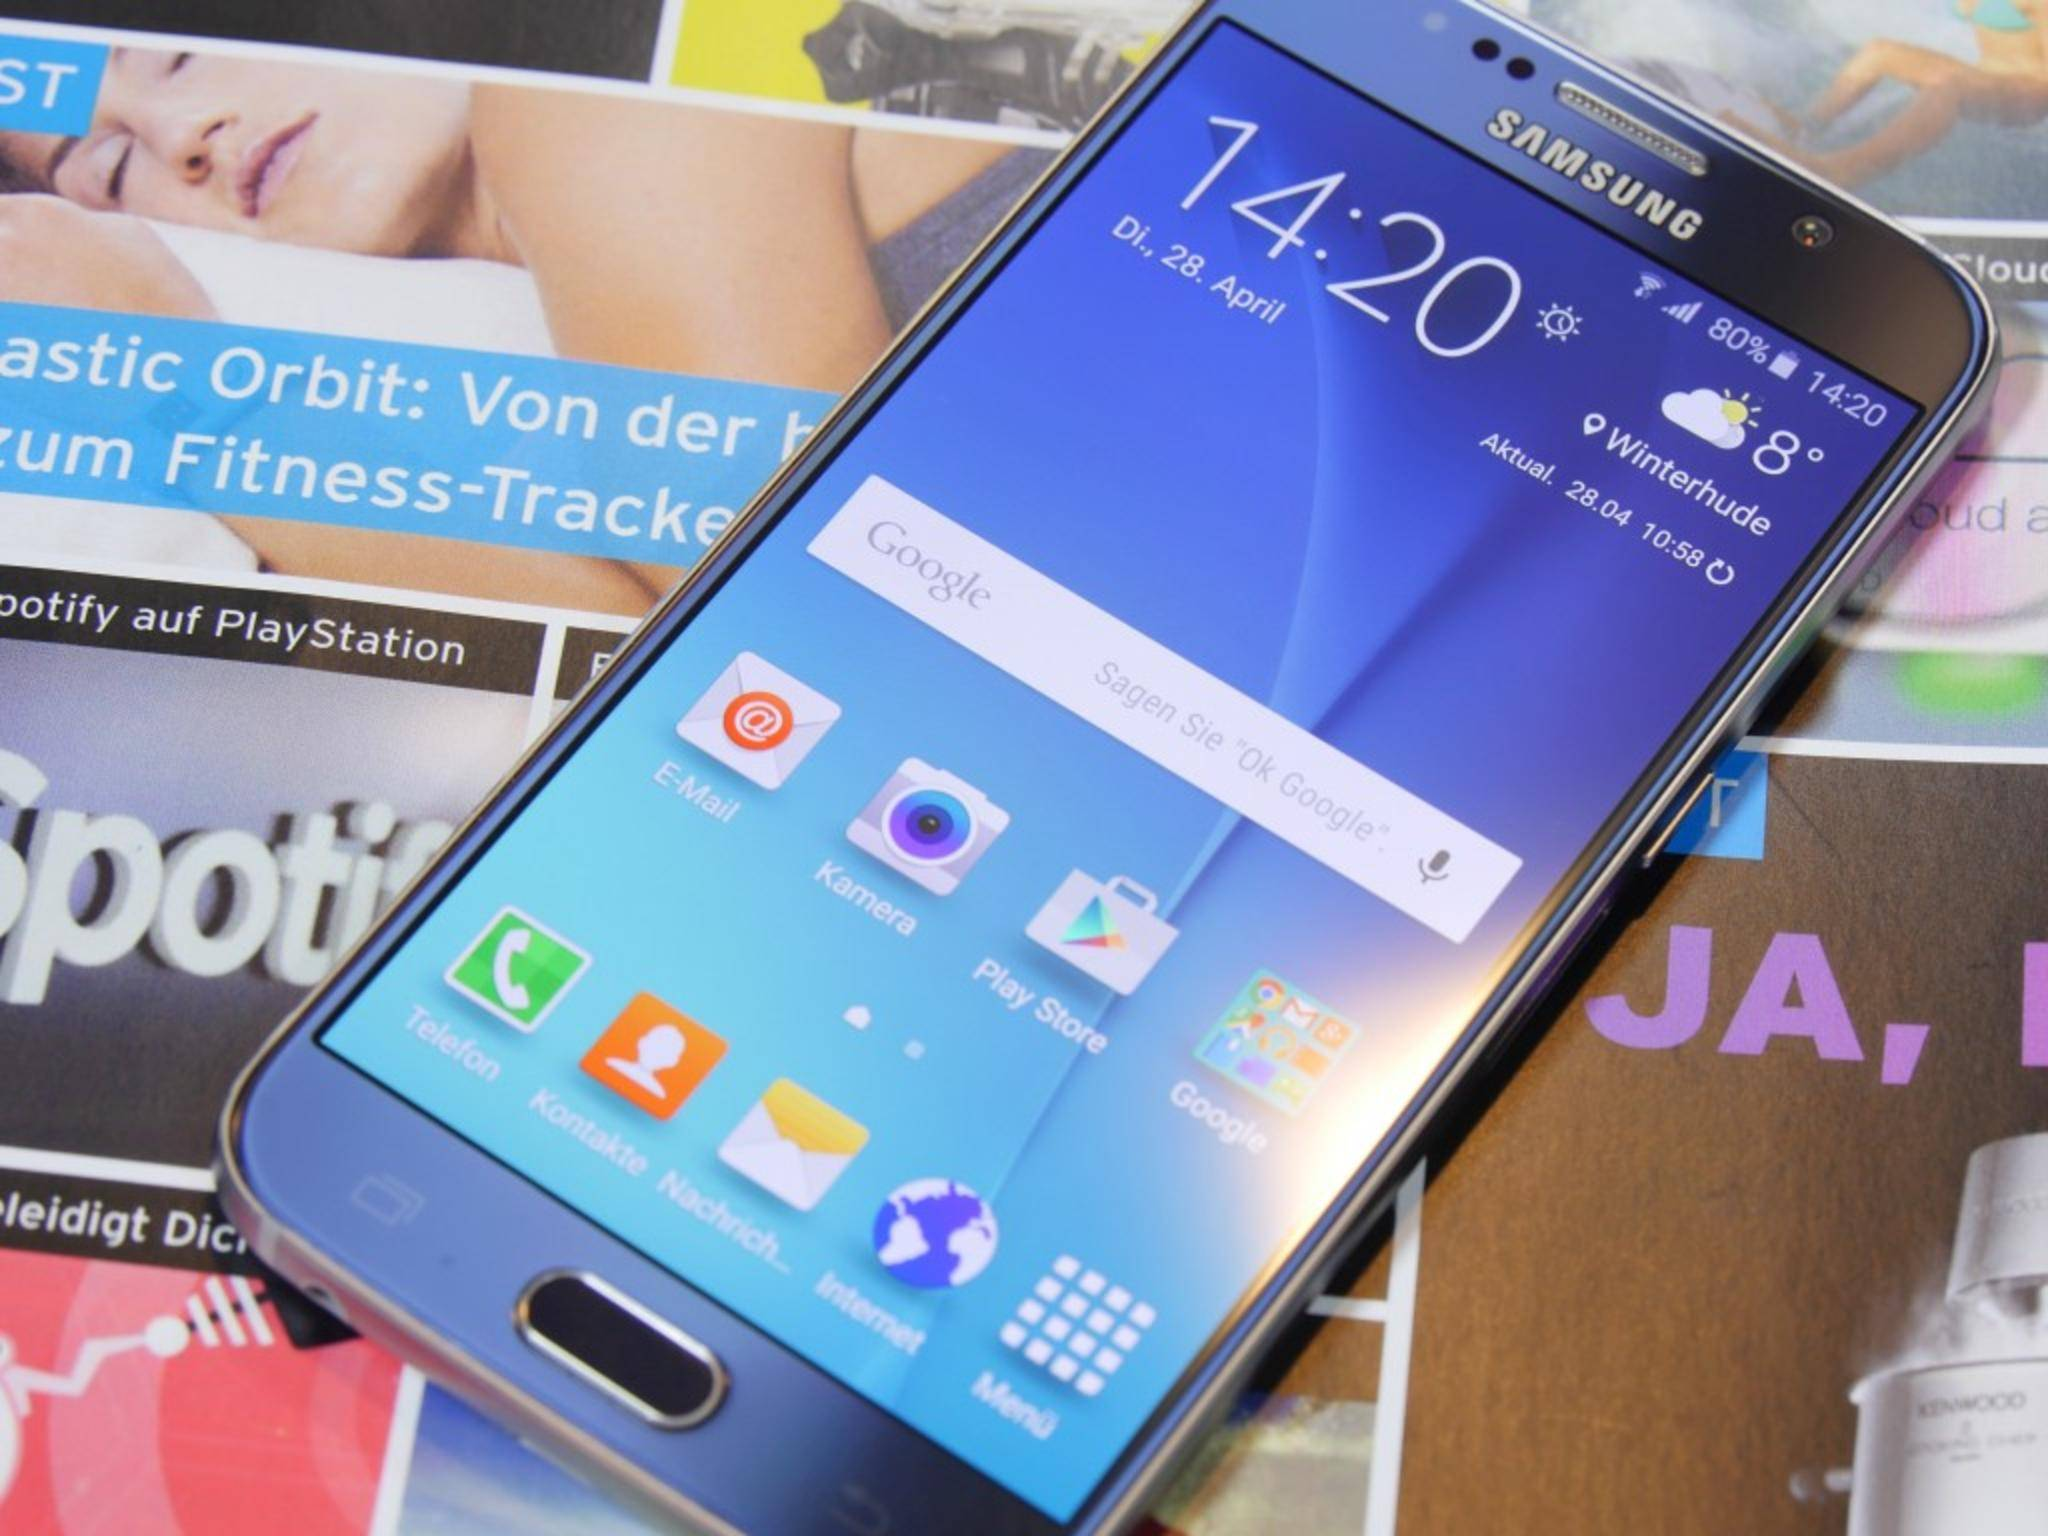 Verkauft sich das Galaxy S6 viel schlechter als gedacht?